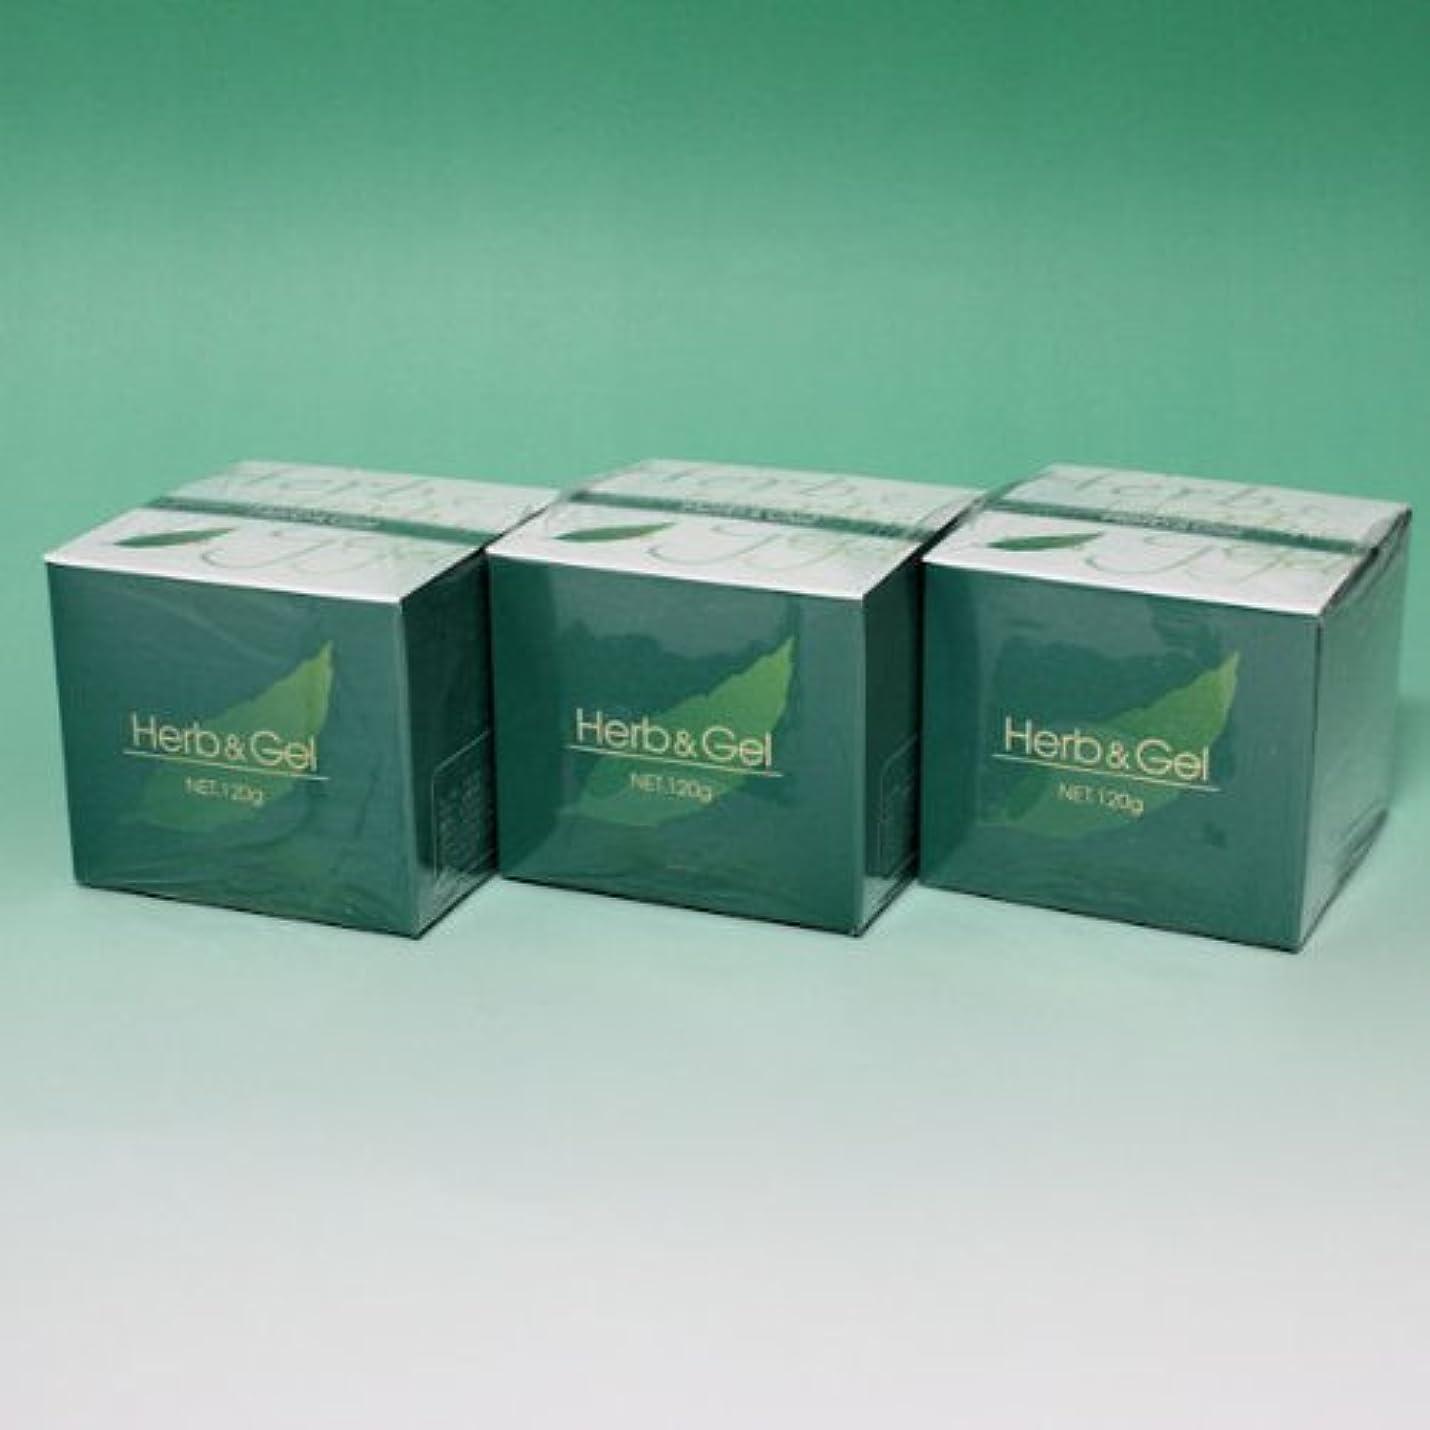 民間主要な補助金ハーブアンドゲル 天然ハーブエキス配合 120g×3瓶セット (4580109490026)